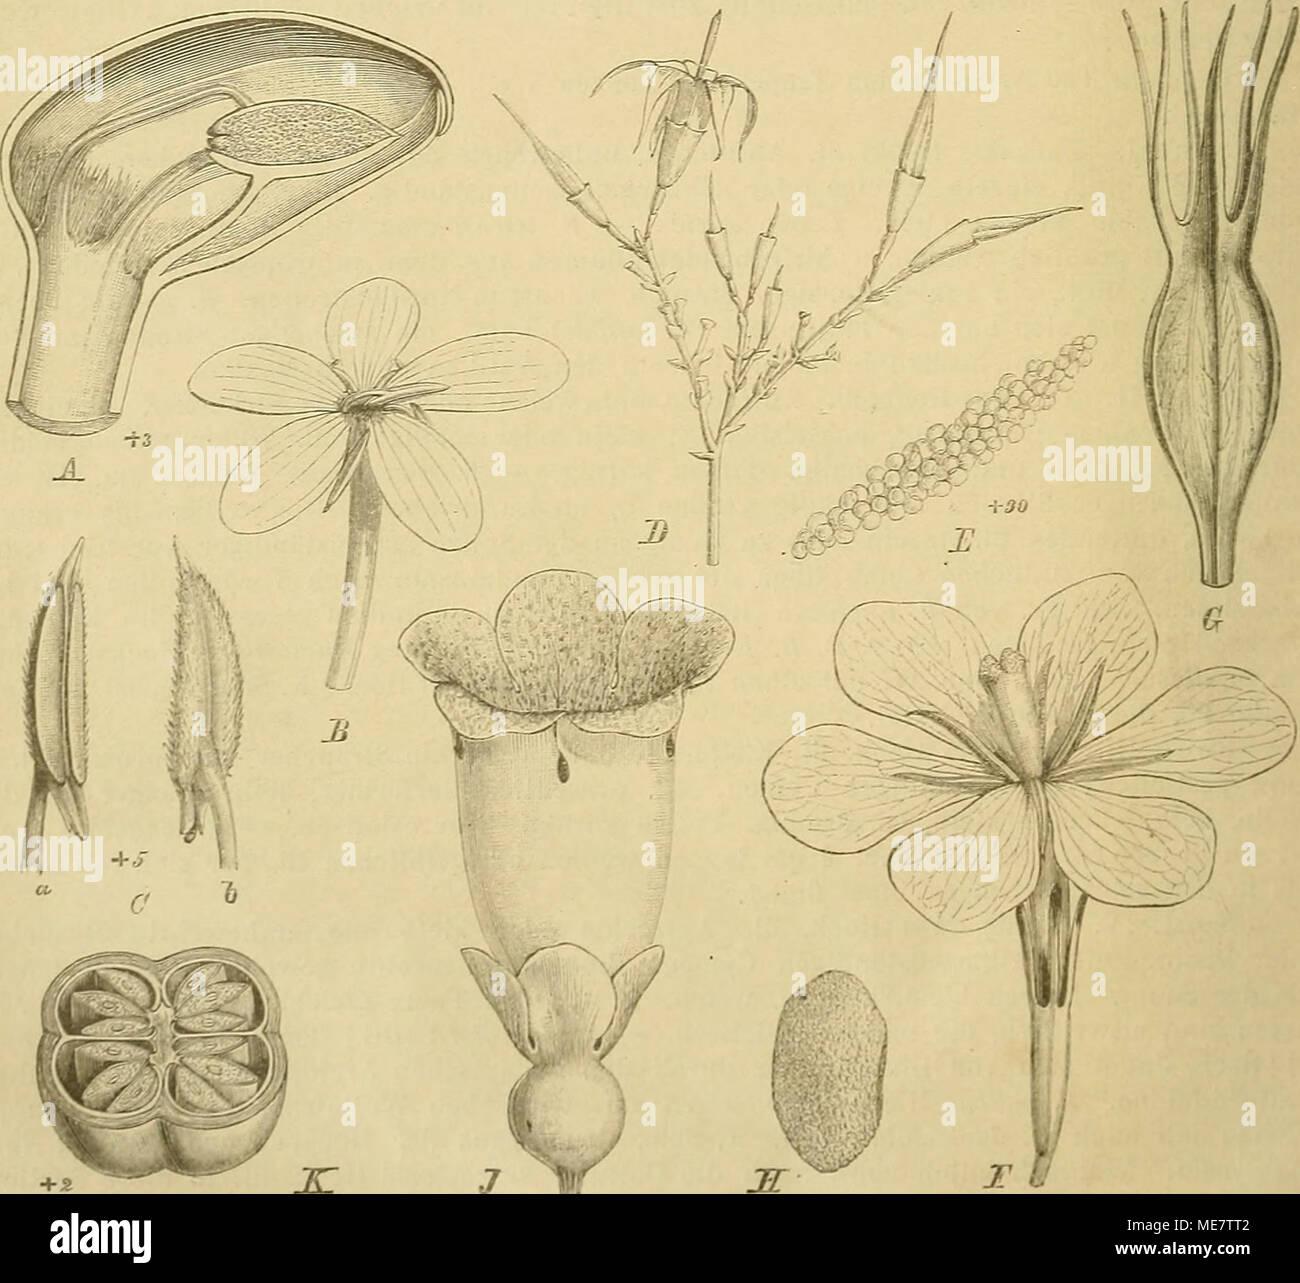 . Die Natürlichen Pflanzenfamilien : nebst ihren Gattungen und wichtigeren Arten, insbesondere den Nutzpflanzen . Fig. 2^. A—D Poaoqueria latifoUa (Lam.) R. et Seh. A Längsschnitt durch die Knospe; D 1!1. geöft'net; C Stb. von innen; D Stb. von außen. — E, F Randia acuminata (G. Don) Benth. E Blütenständchcu; /' PollL-nmasse. _ f;-.j Gardenia flori da Linn. C ßl.; H Fr.; J S.: K Amaralia, cali/ciua (G. Uon) K. Sjh., Bl. — L Moretia senegalmsis Rieh., Fr. (Original.) Stock Photo